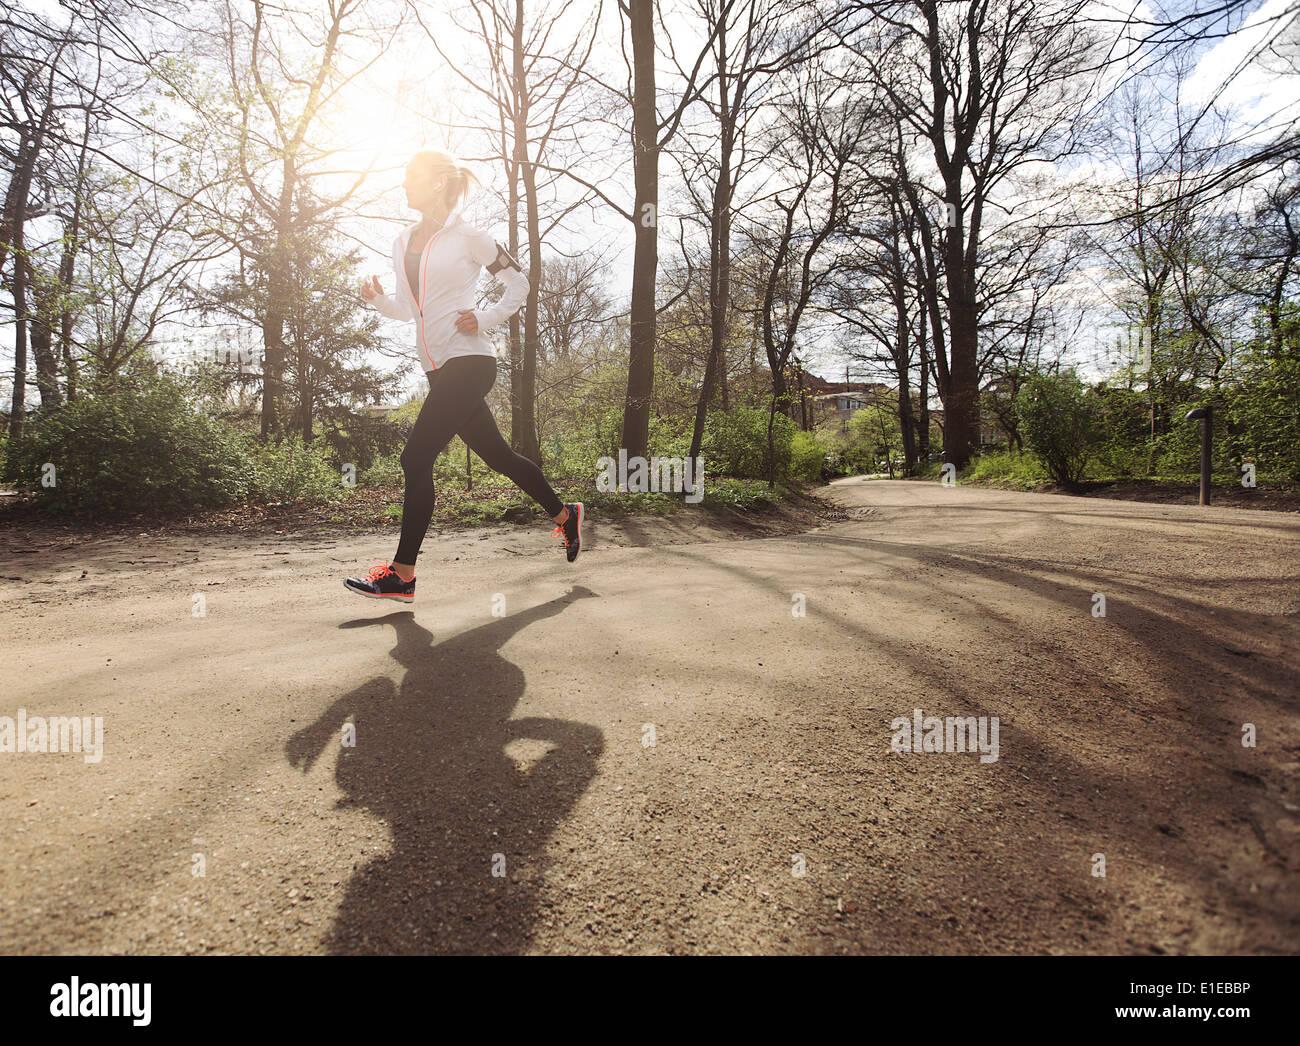 Jeune femme en bonne santé jogging en parc. Modèle féminin de remise en forme d'exécution en forêt. Modèle de remise en forme du Caucase l'exercice en plein air. Banque D'Images